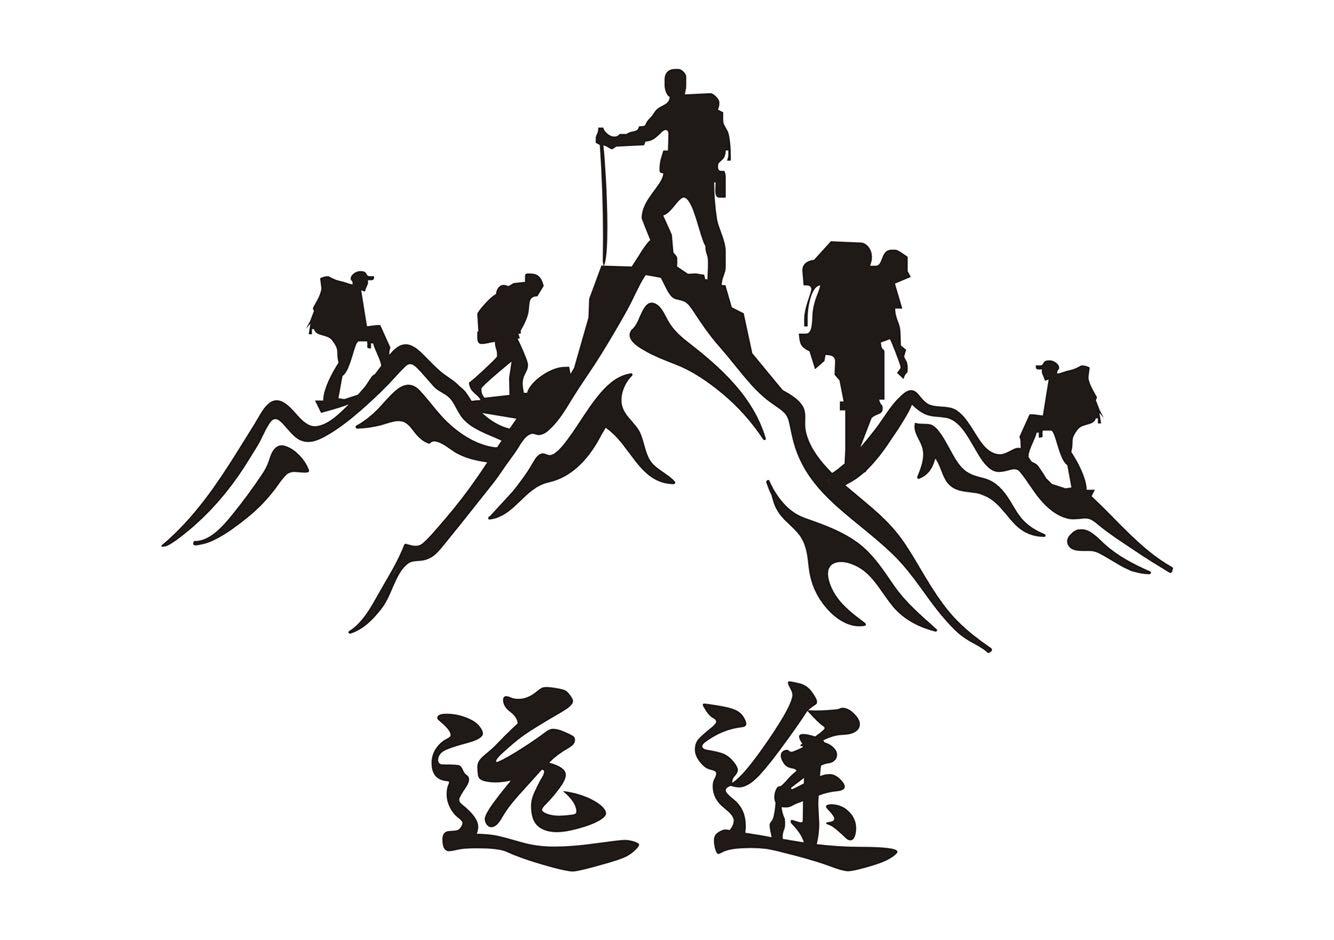 运动用品厂家-Mr.黄